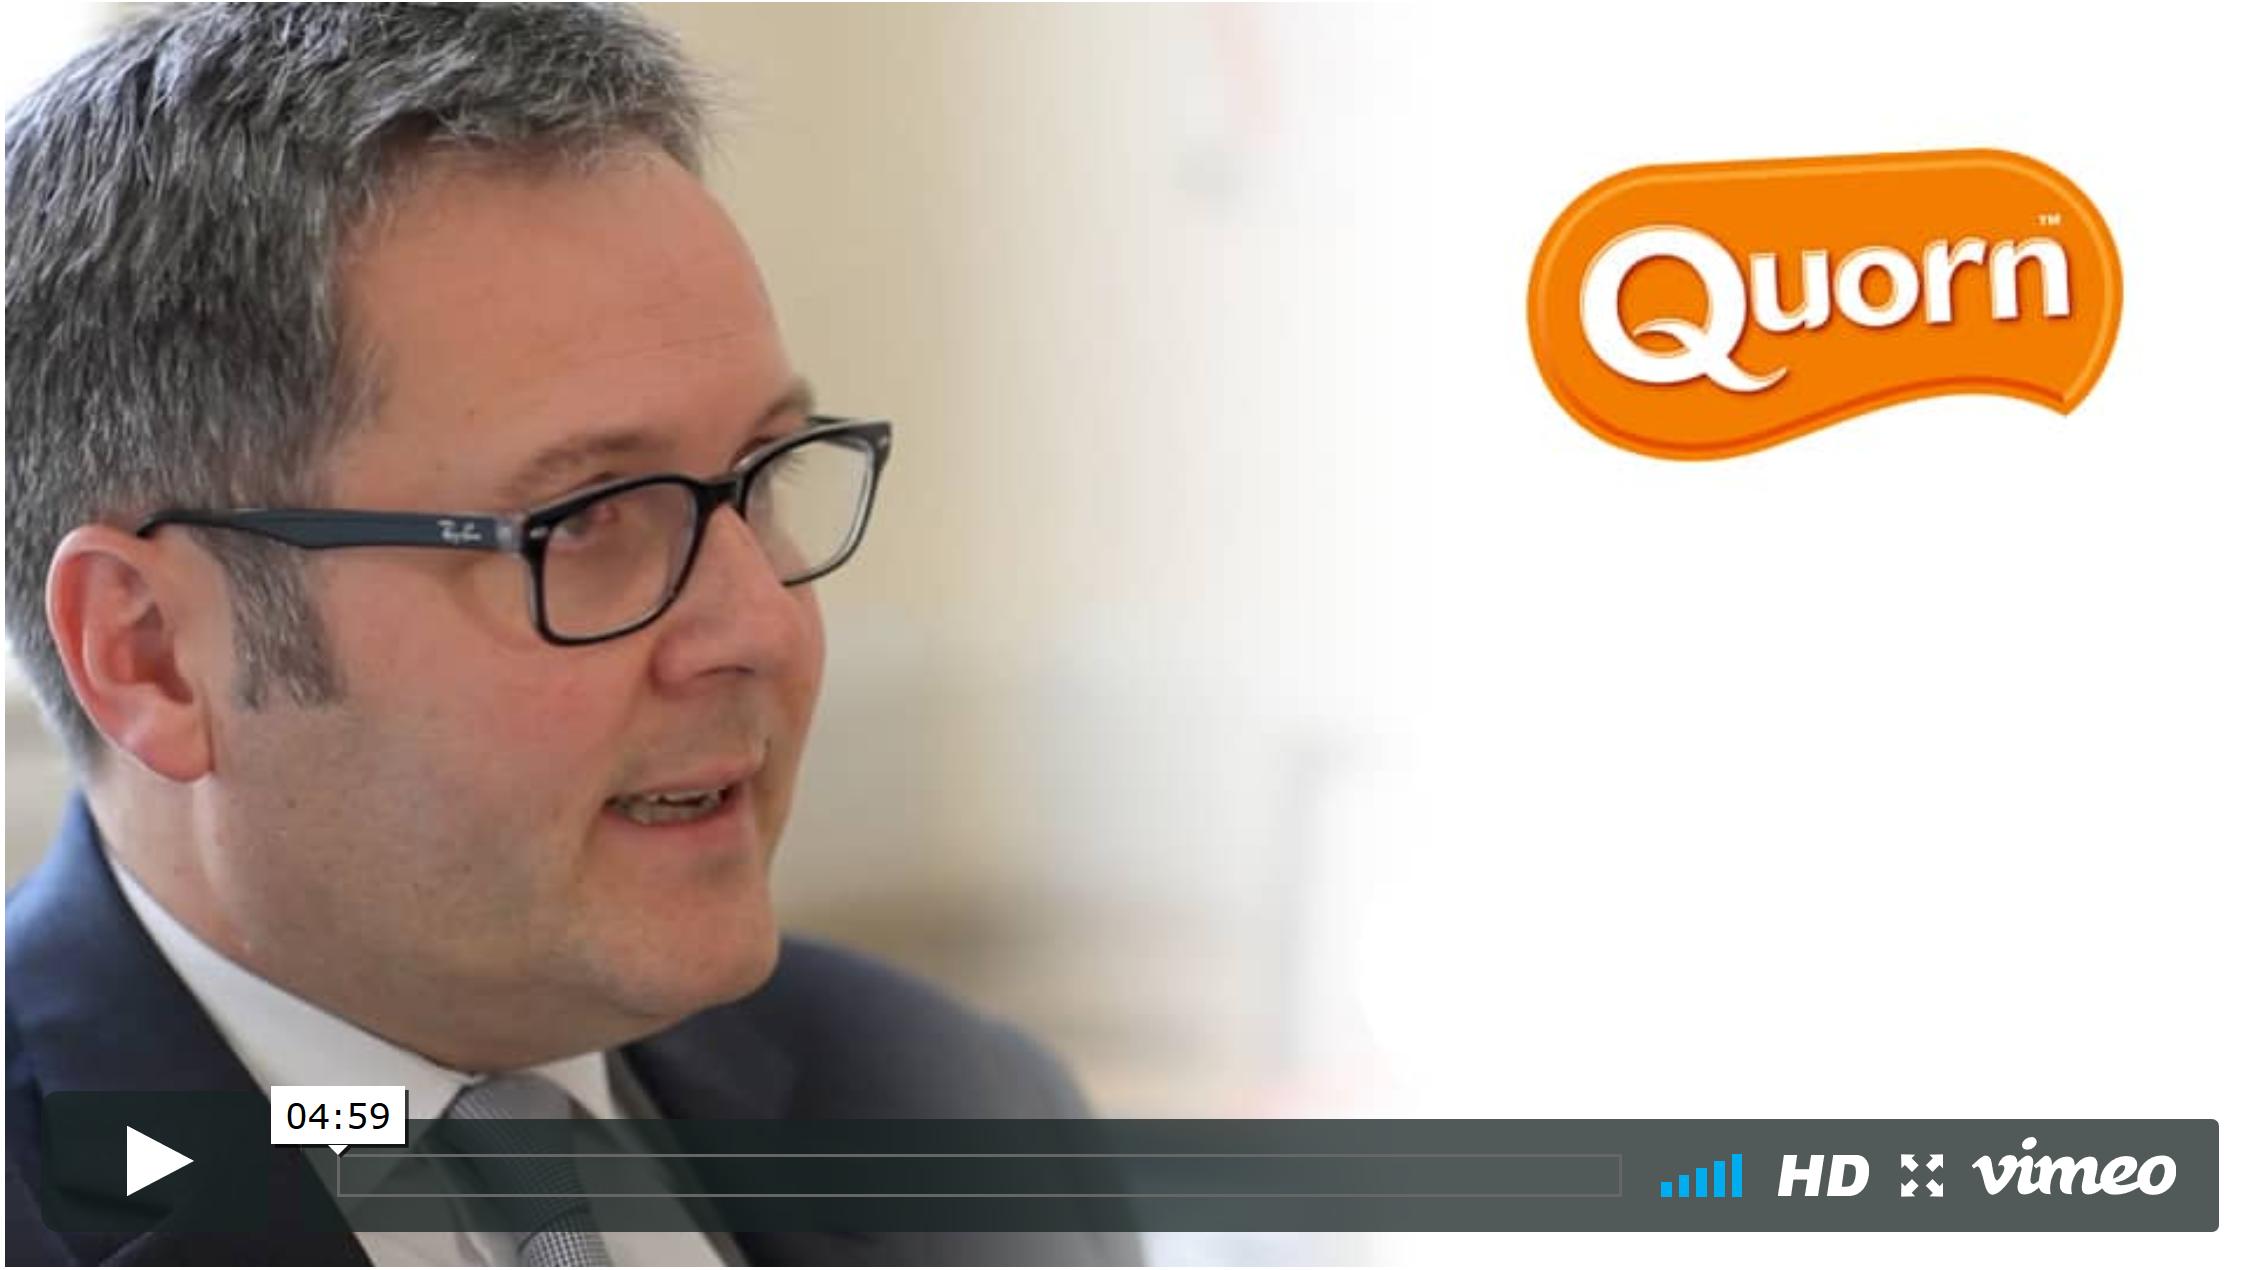 Quorn BOARD Case Study Video